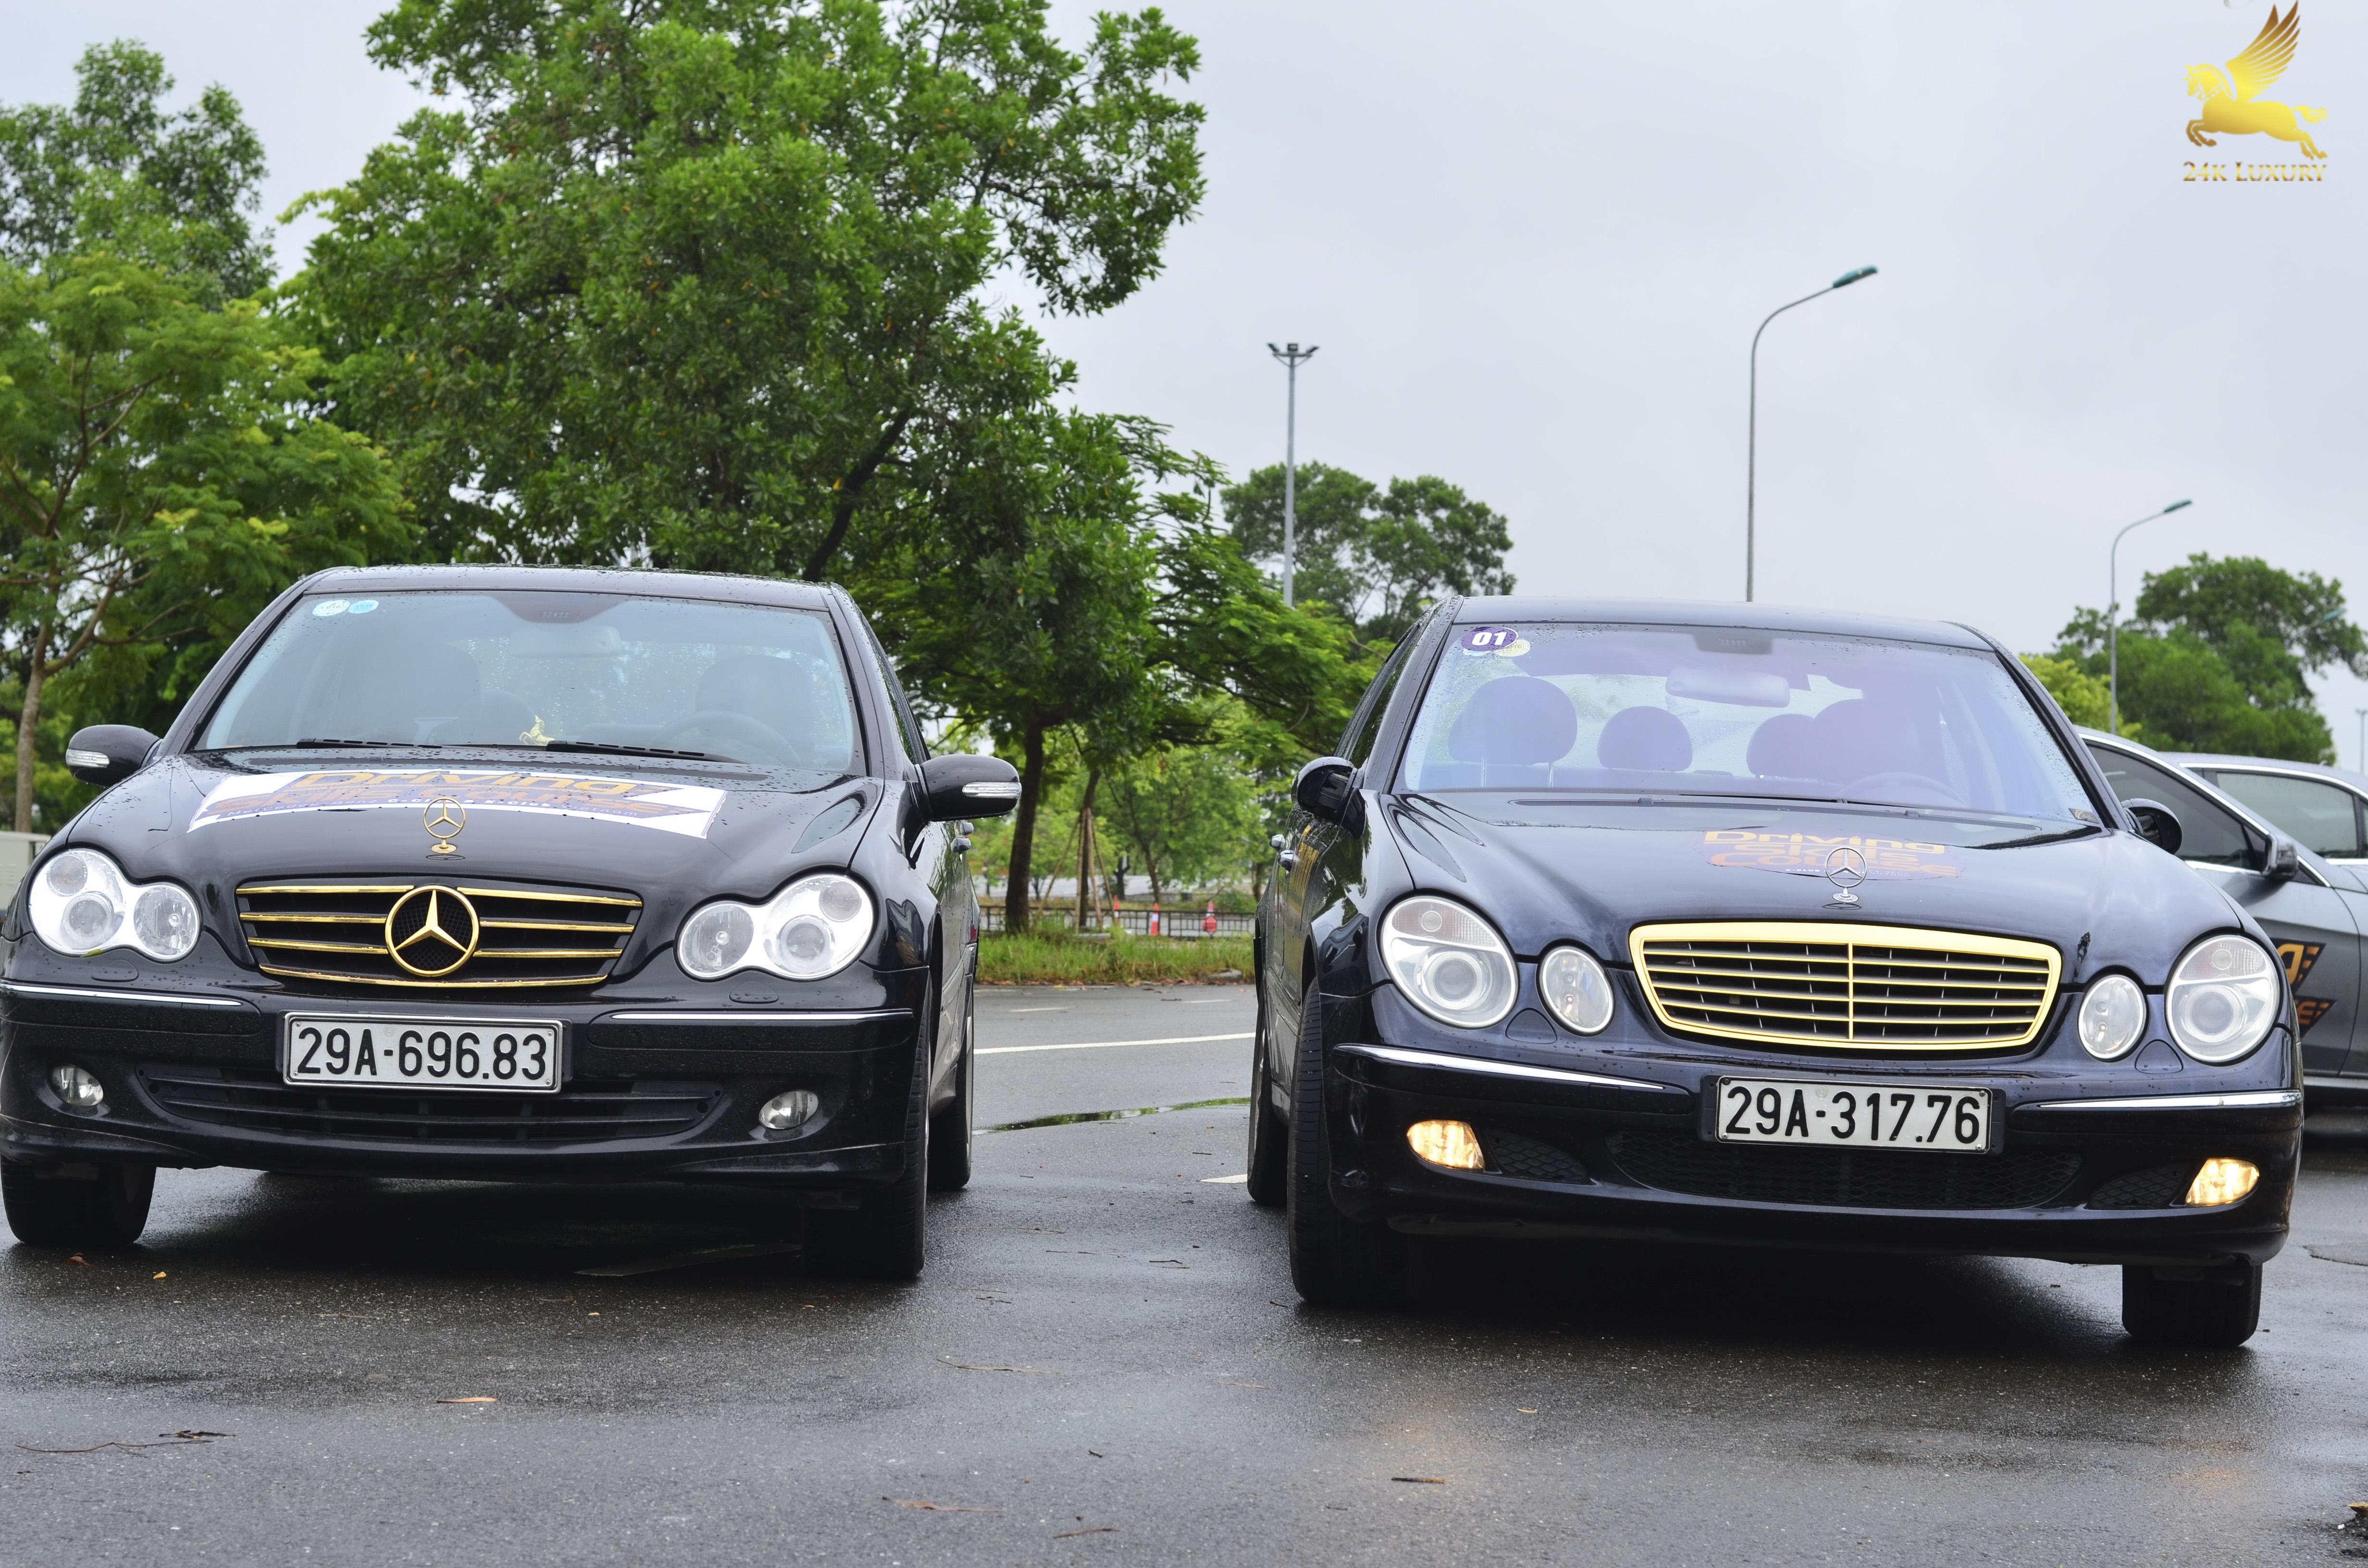 hai chiếc ô tô mercedes mạ vàng